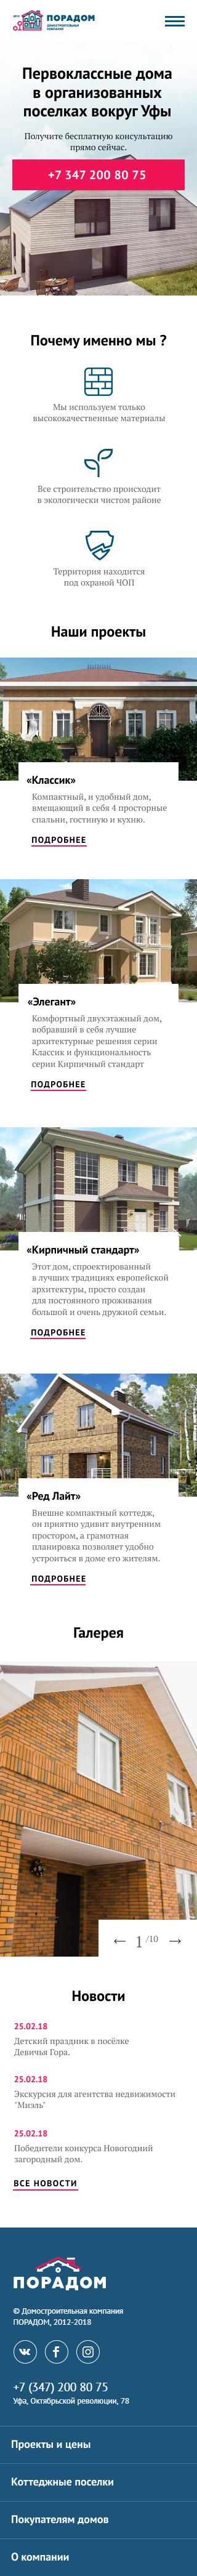 Дизайн главной на мобильных для домостроительной компании фото f_2625a83fa3e809d2.jpg